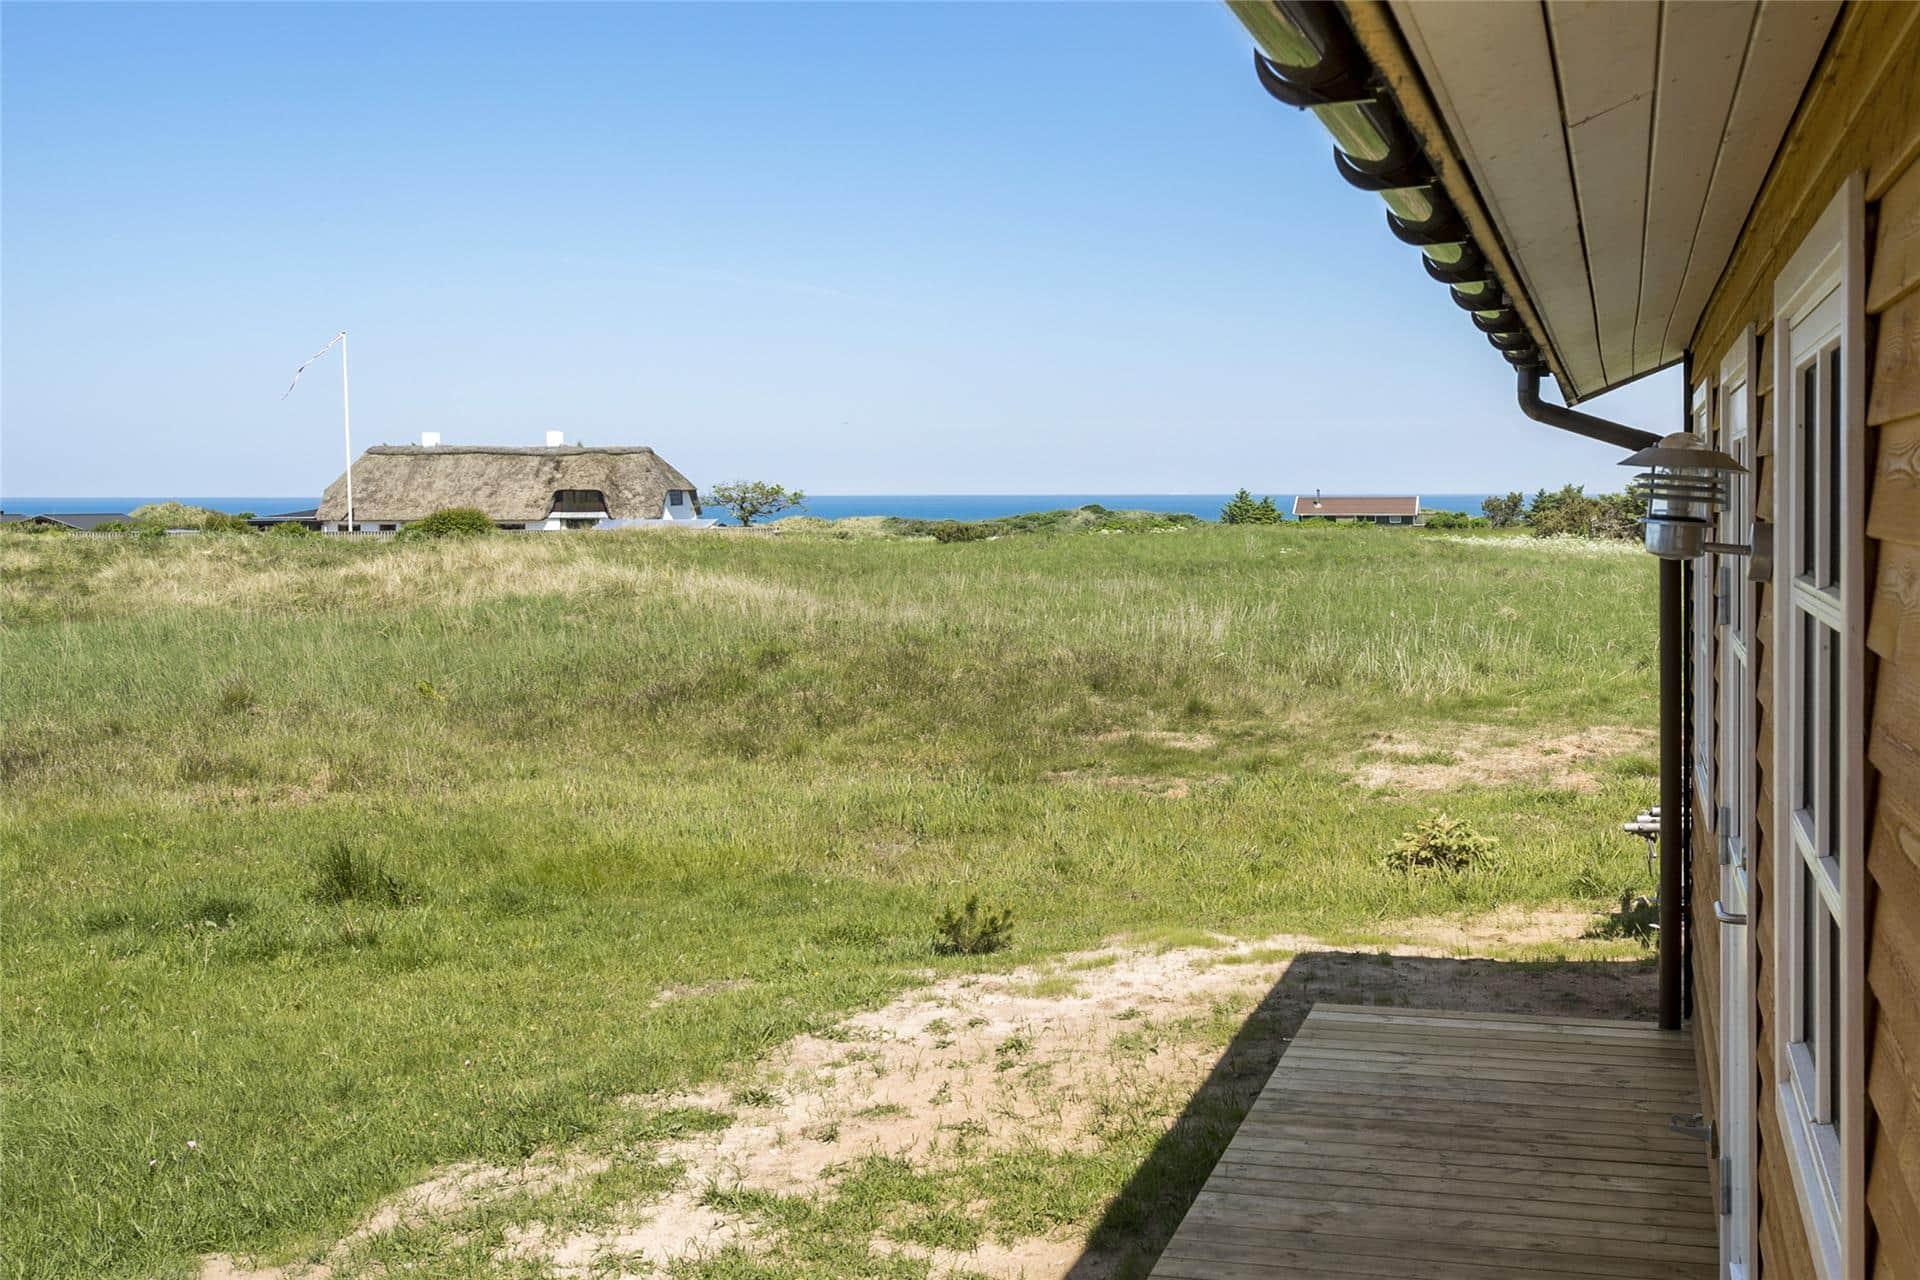 Billede 1-148 Sommerhus TV1128, Vester Klitvej 12, DK - 9881 Bindslev